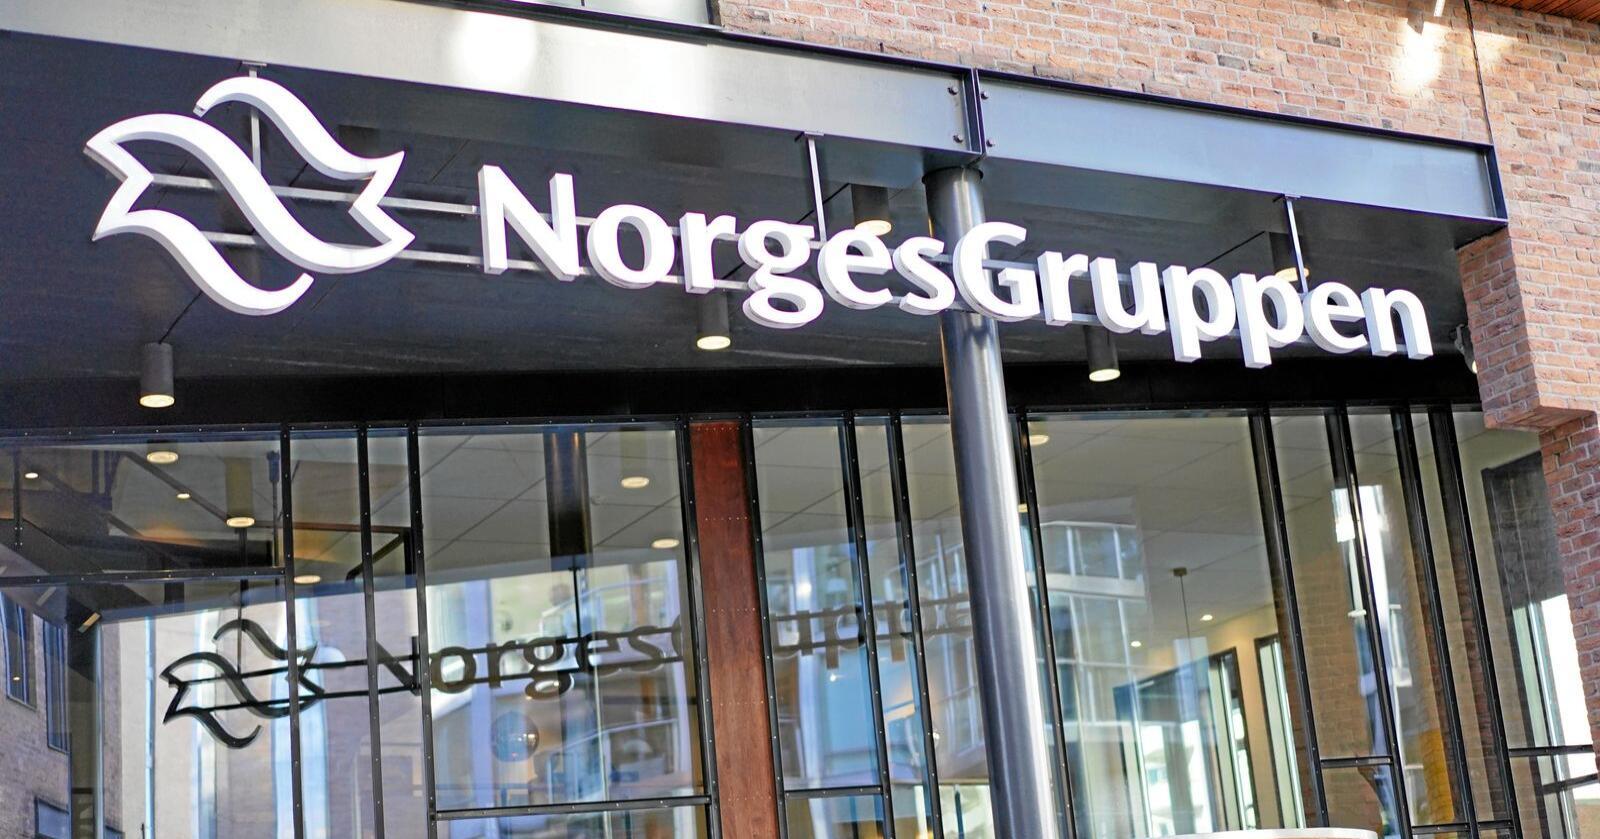 Makt: Norgesgruppen har, saman med dei andre to kjedene Coop og Rema 1000, styrka makta si dei siste ti åra. Foto: Benjamin Hernes Vogl